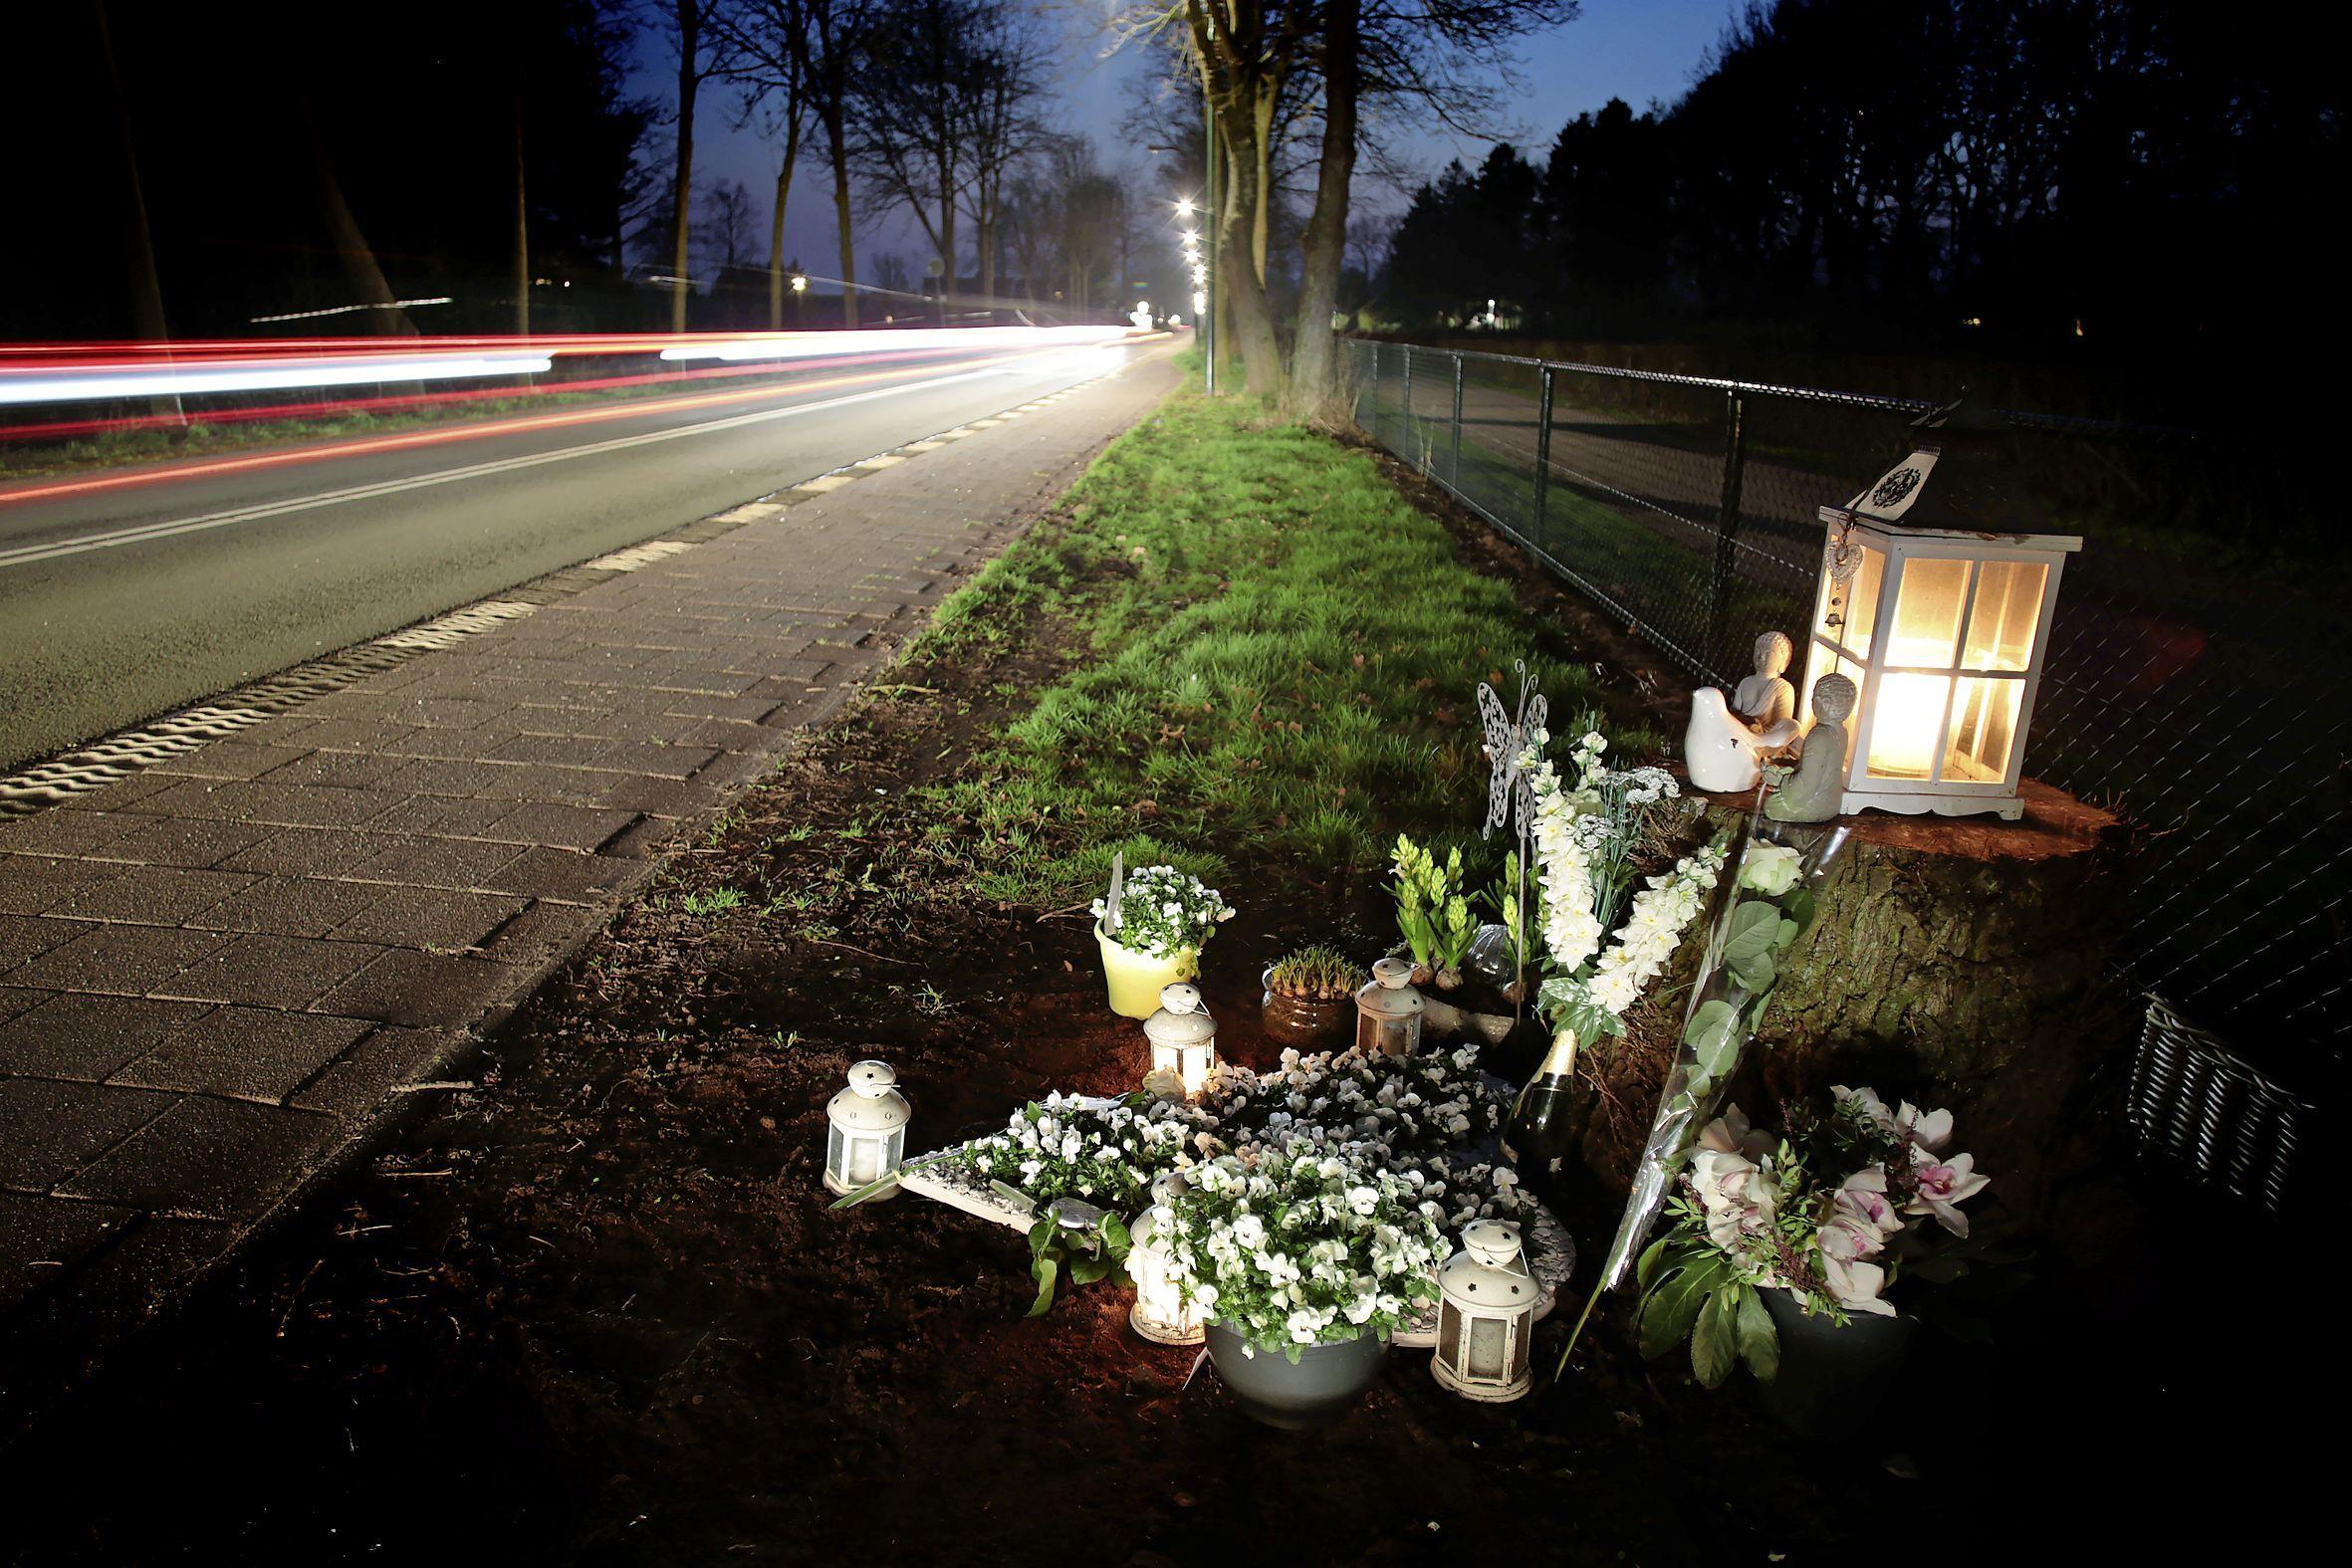 Moeder van Fleur Balkestein uit Loosdrecht schrikt ervan dat de dader van het doodrijden van haar dochter na anderhalf jaar met verlof mag: 'In je hoofd is hij drie jaar weg, maar ik wil hem niet tegenkomen in het dorp'